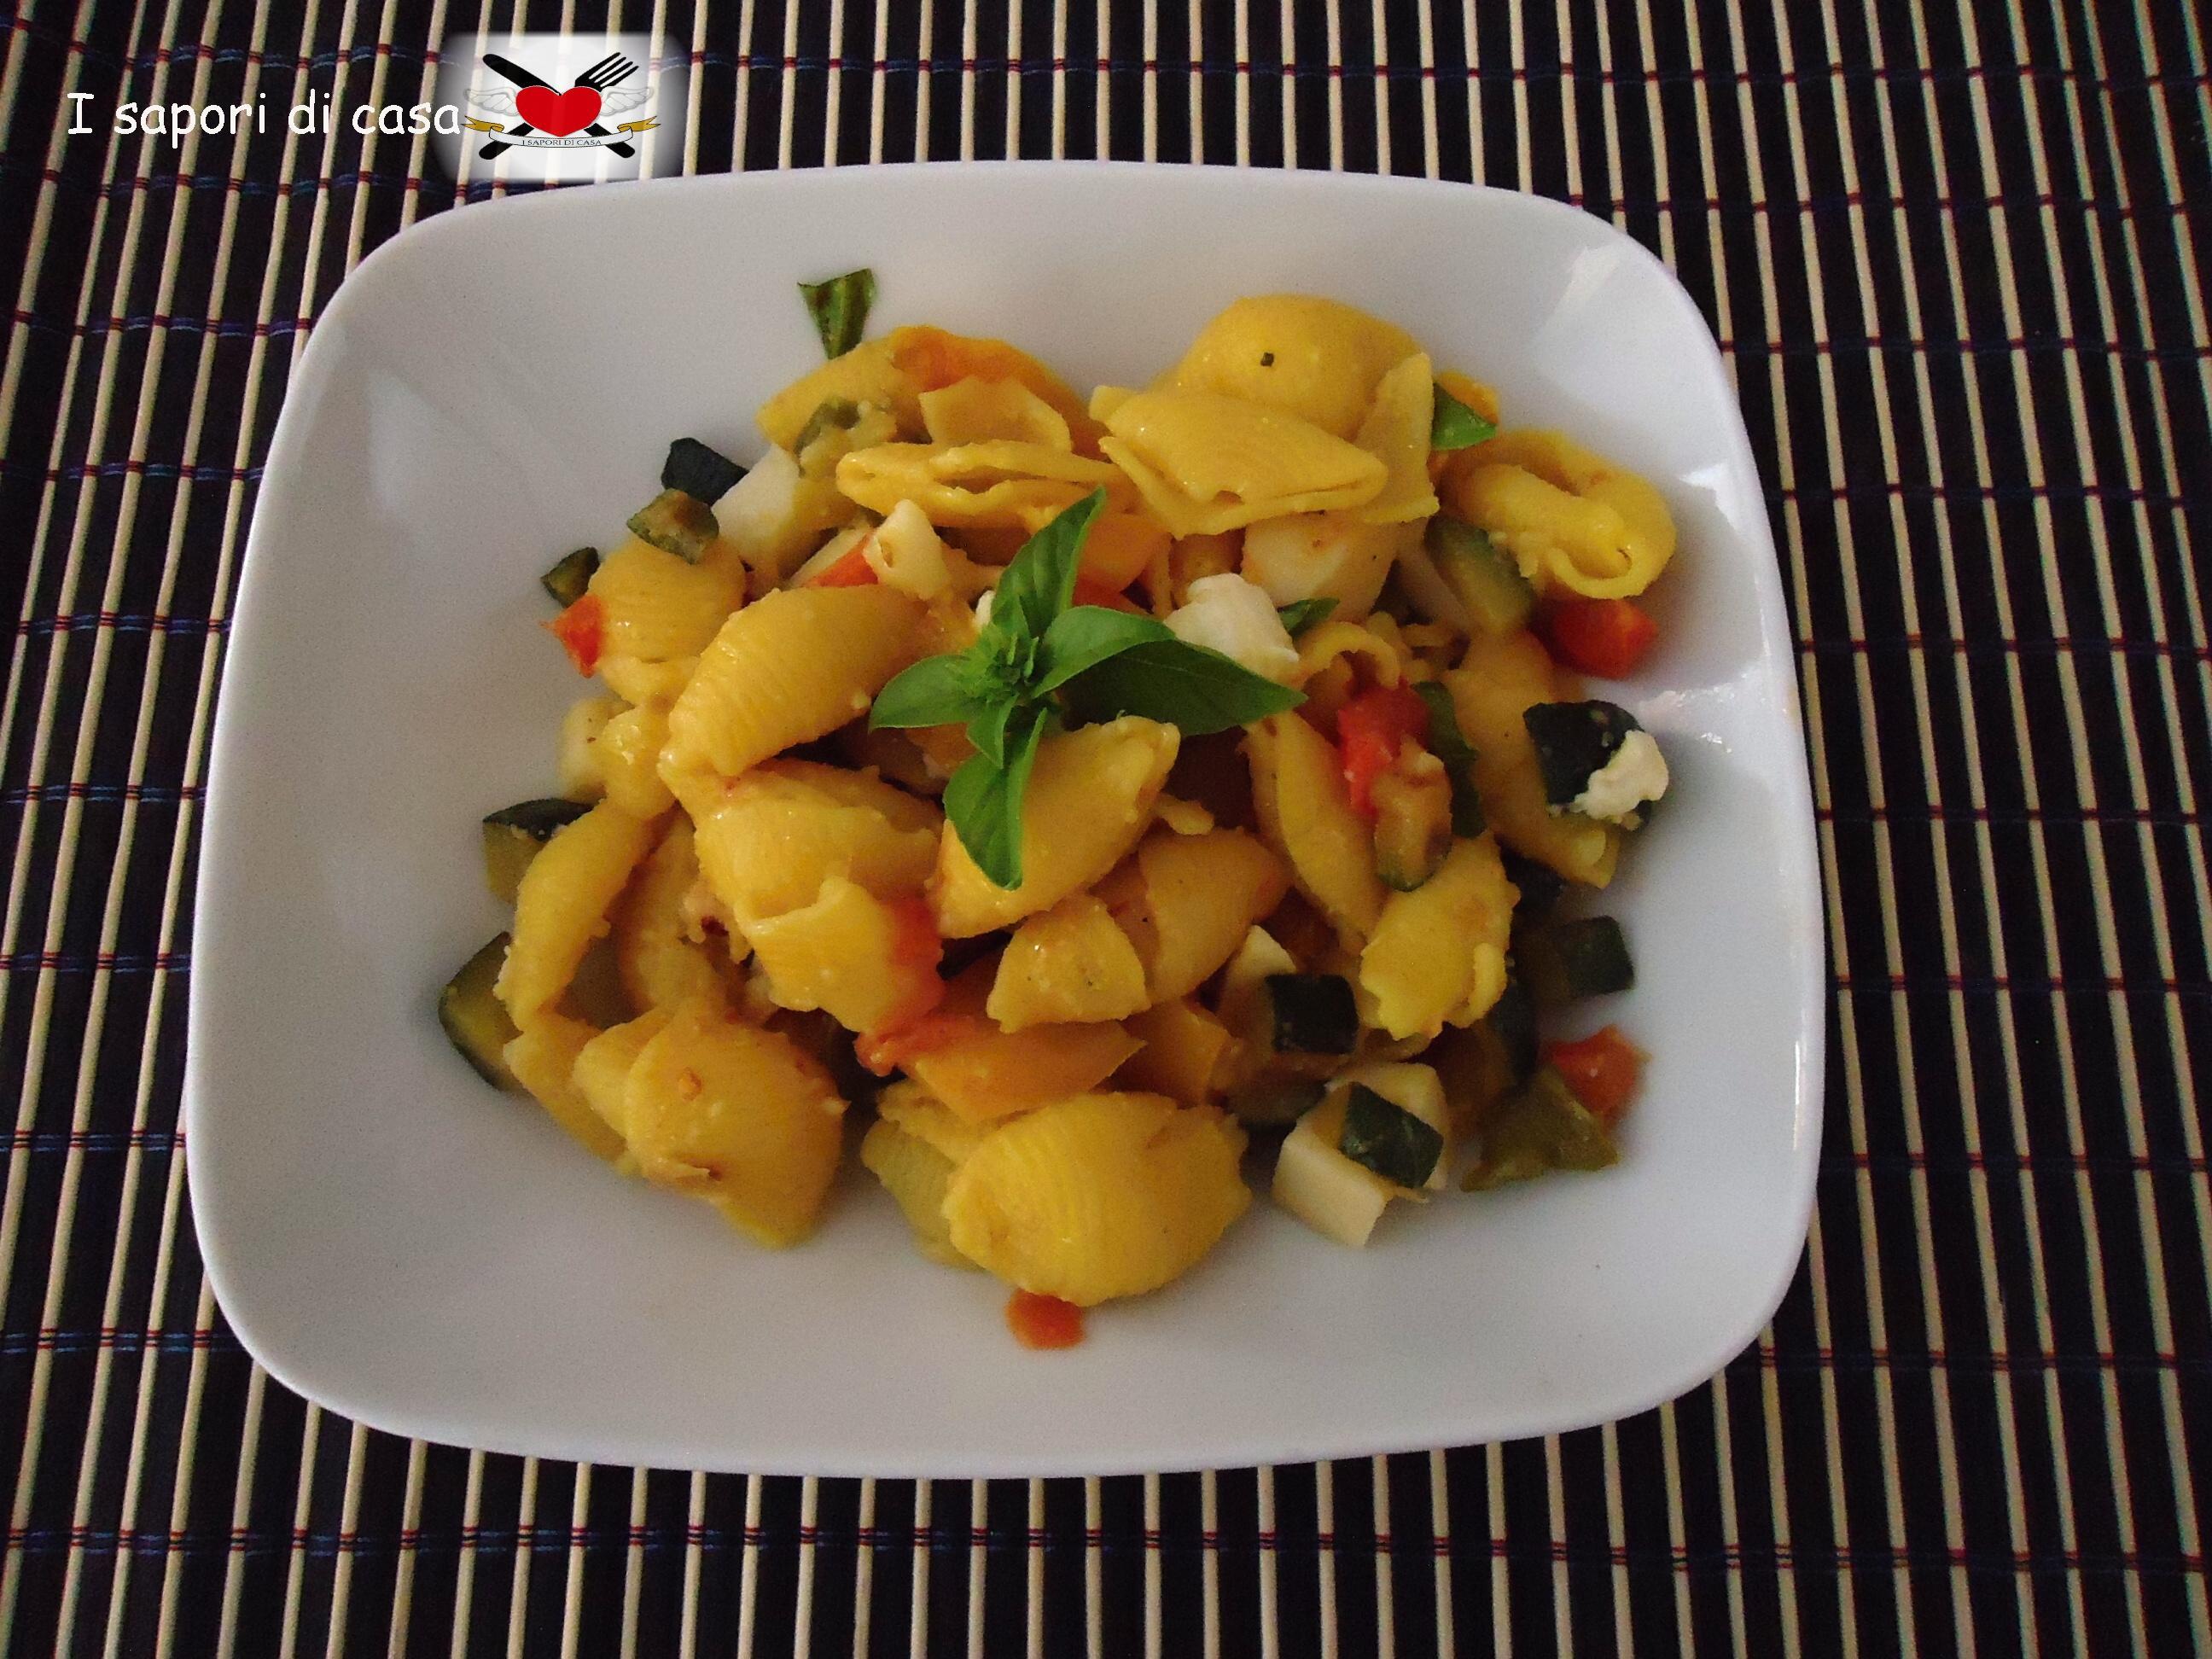 Pasta fredda allo zafferano con verdurine e formaggi